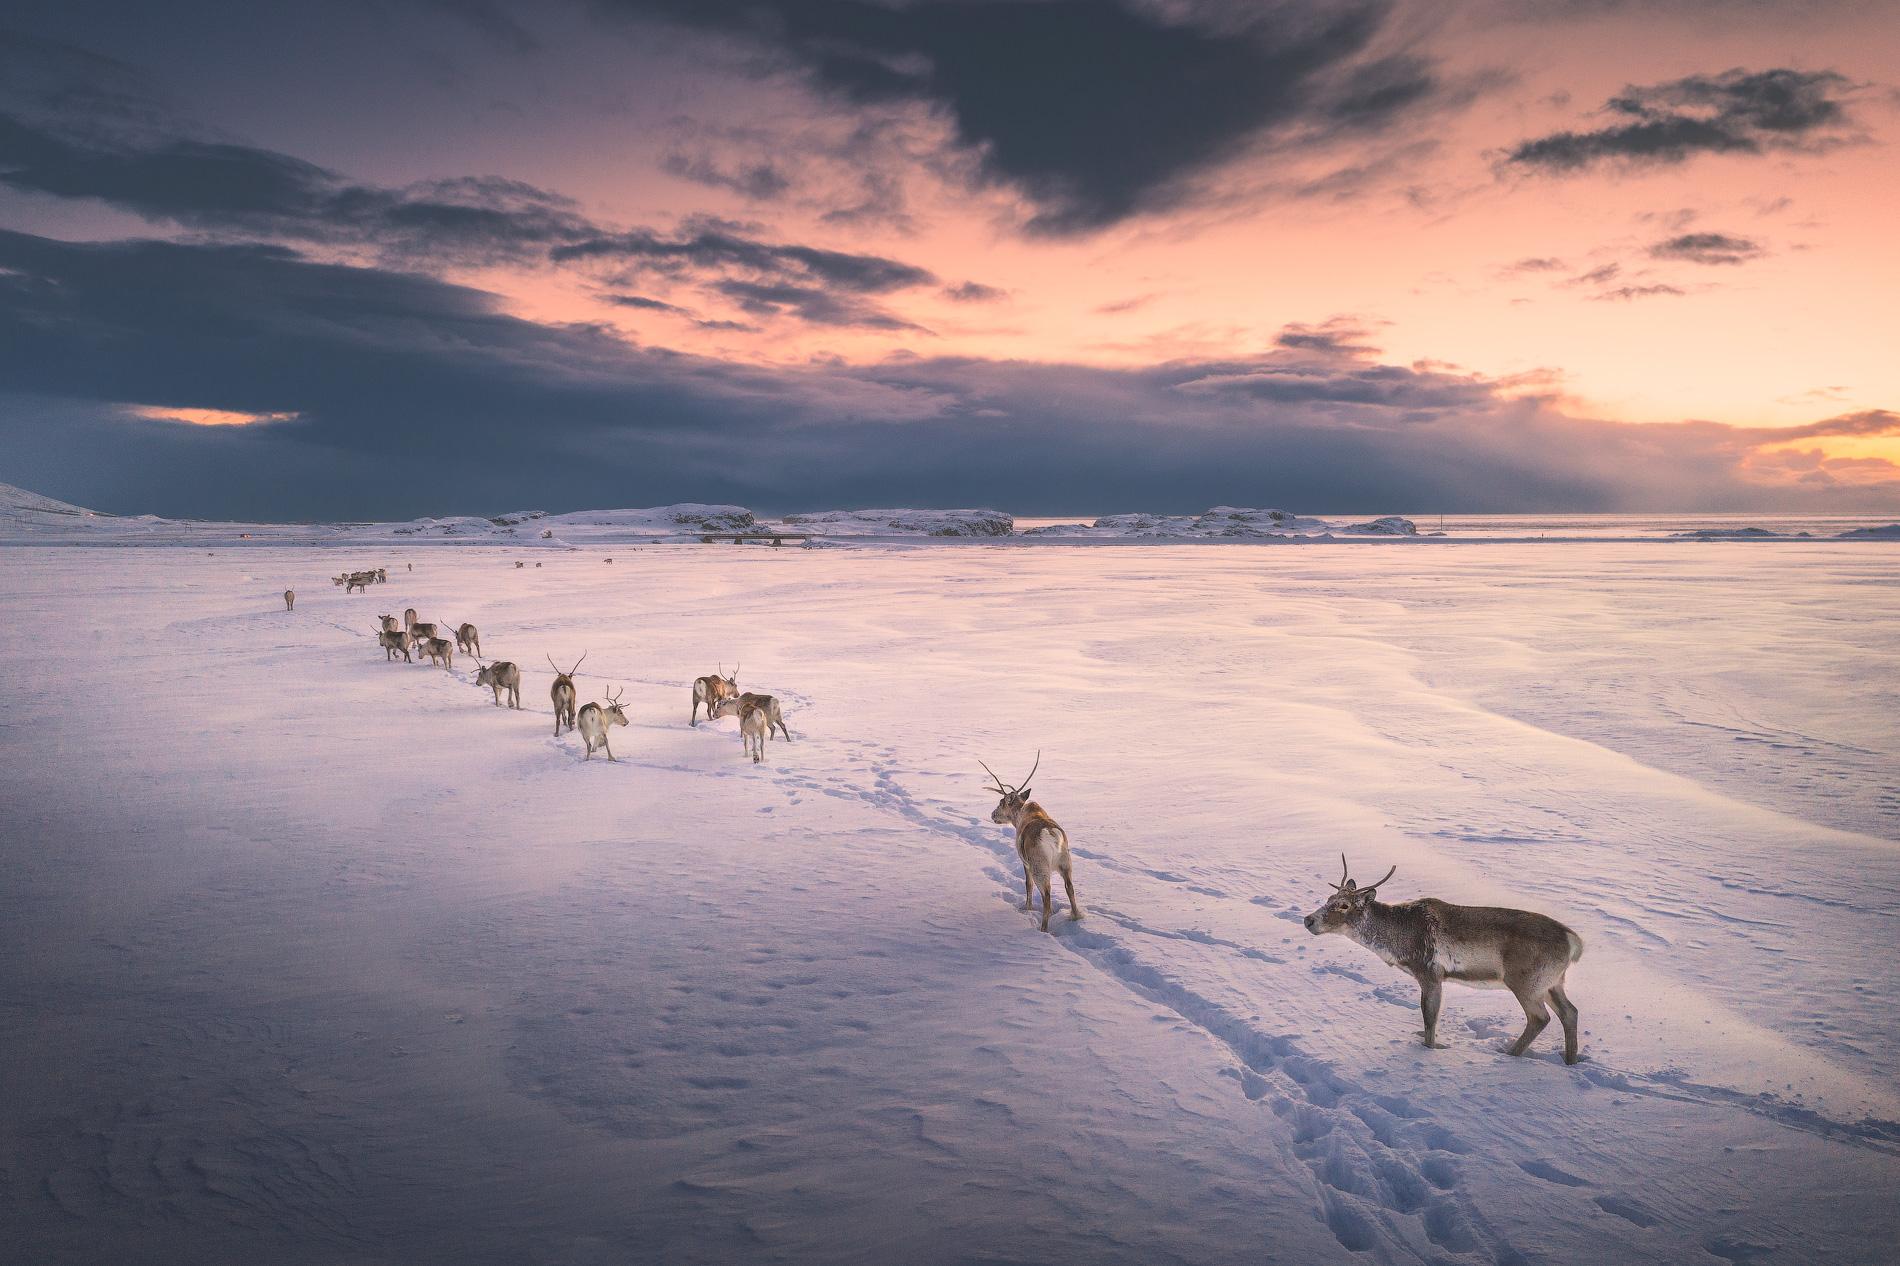 เรนเดียร์ป่าเดินทางอย่างอิสระในฟยอร์ดตะวันออกตั้งแต่ที่ชาวไอซ์แลนด์ไม่ได้มีการเลี้ยงอย่างจริงจัง.